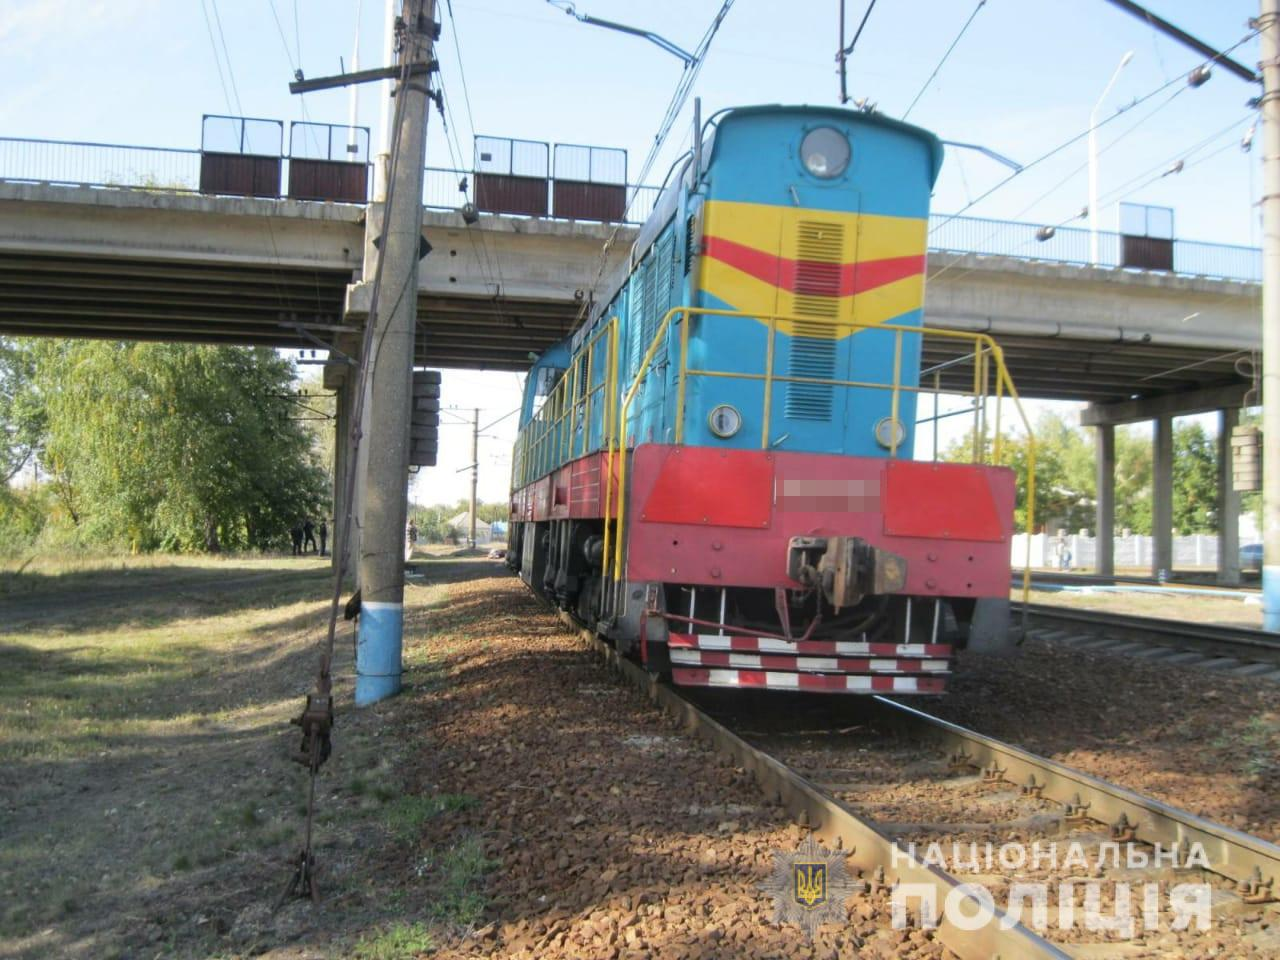 Харьков, Первомайский и Полтава отказались компенсировать проезд в электричках льготникам